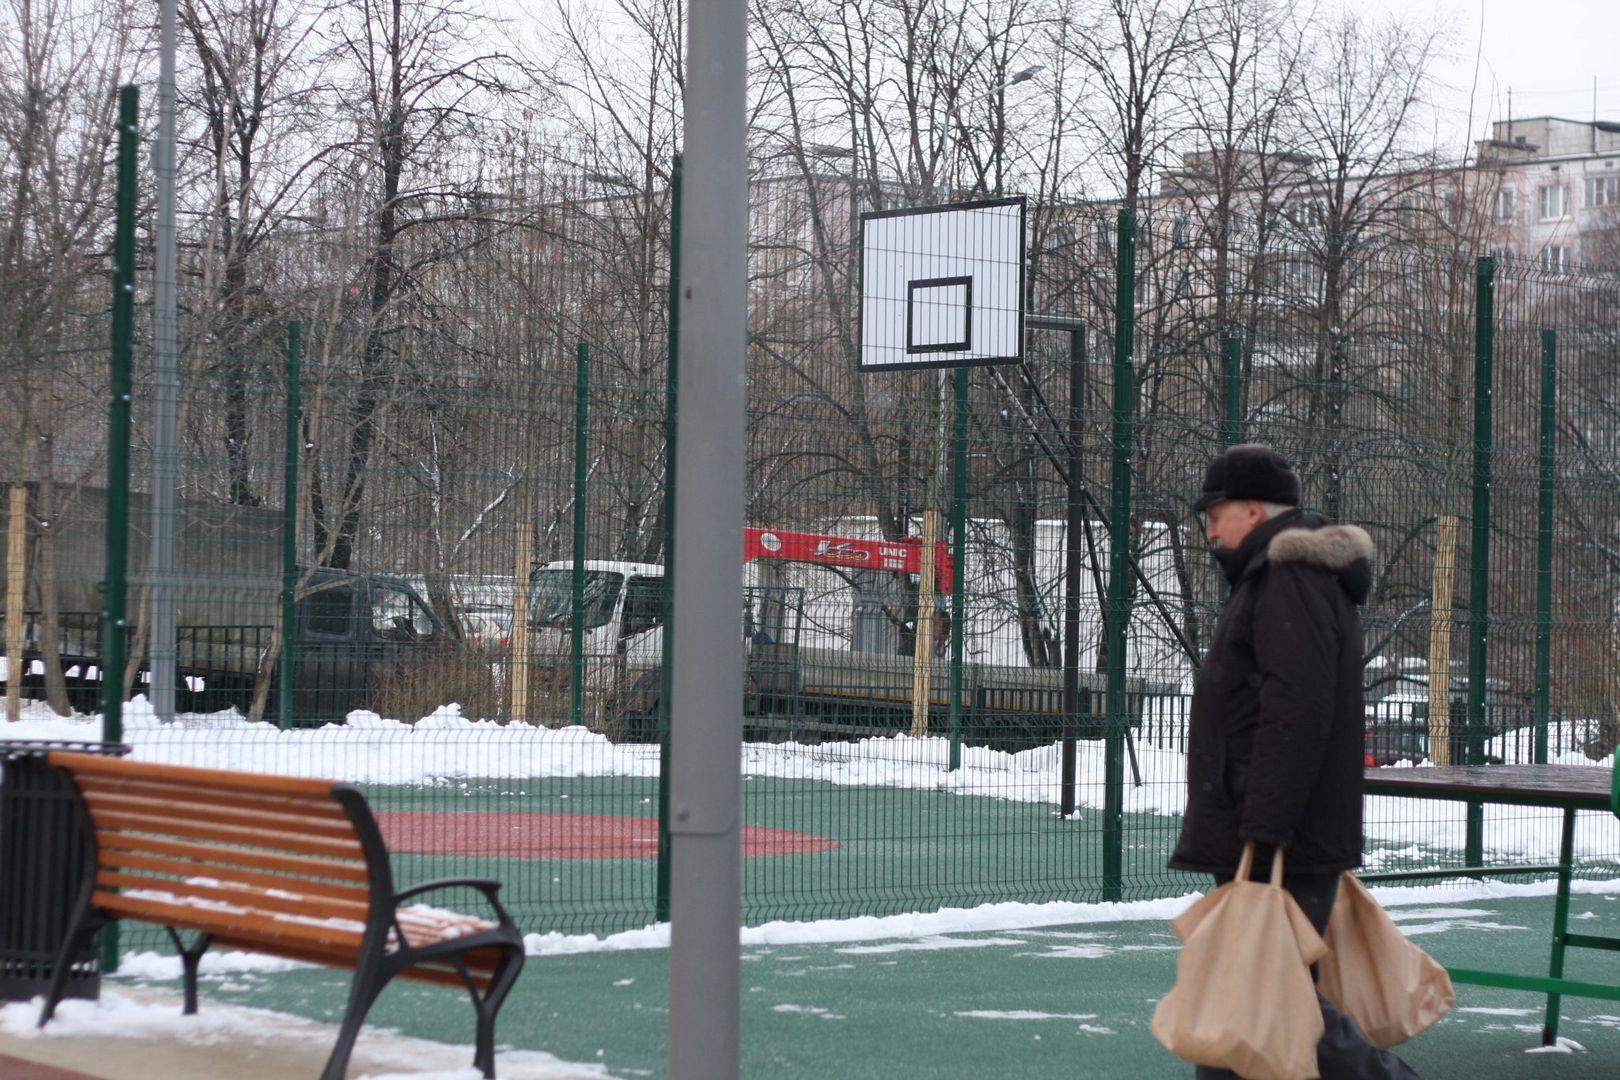 сквер, зима, спортплощадка